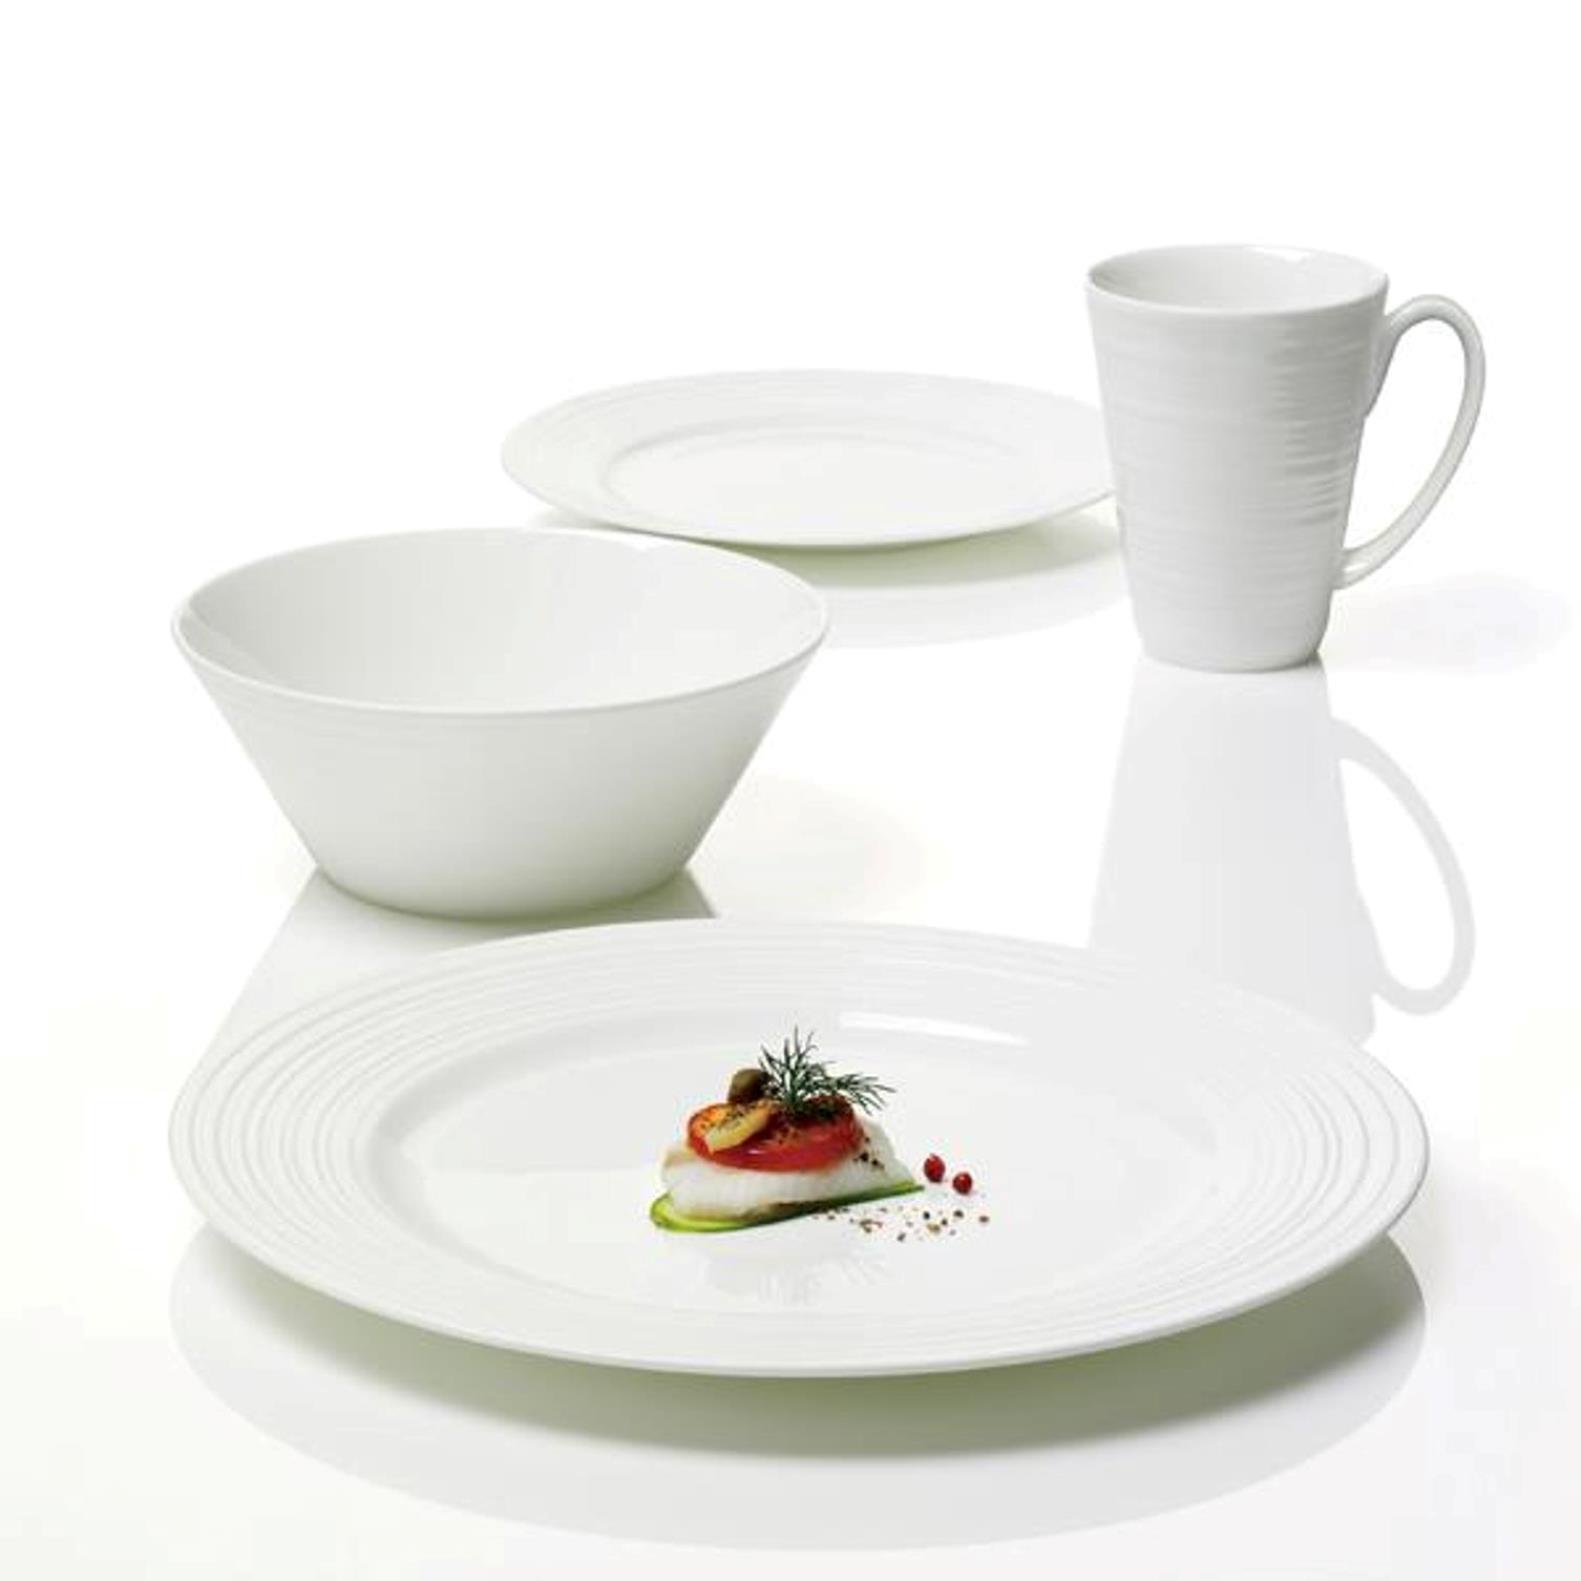 Онлайн каталог PROMENU: Набор столовой посуды (тарелки, пиалы и кружки) Aida PASSION, костяной фарфор, белый, 16 предметов                               19256